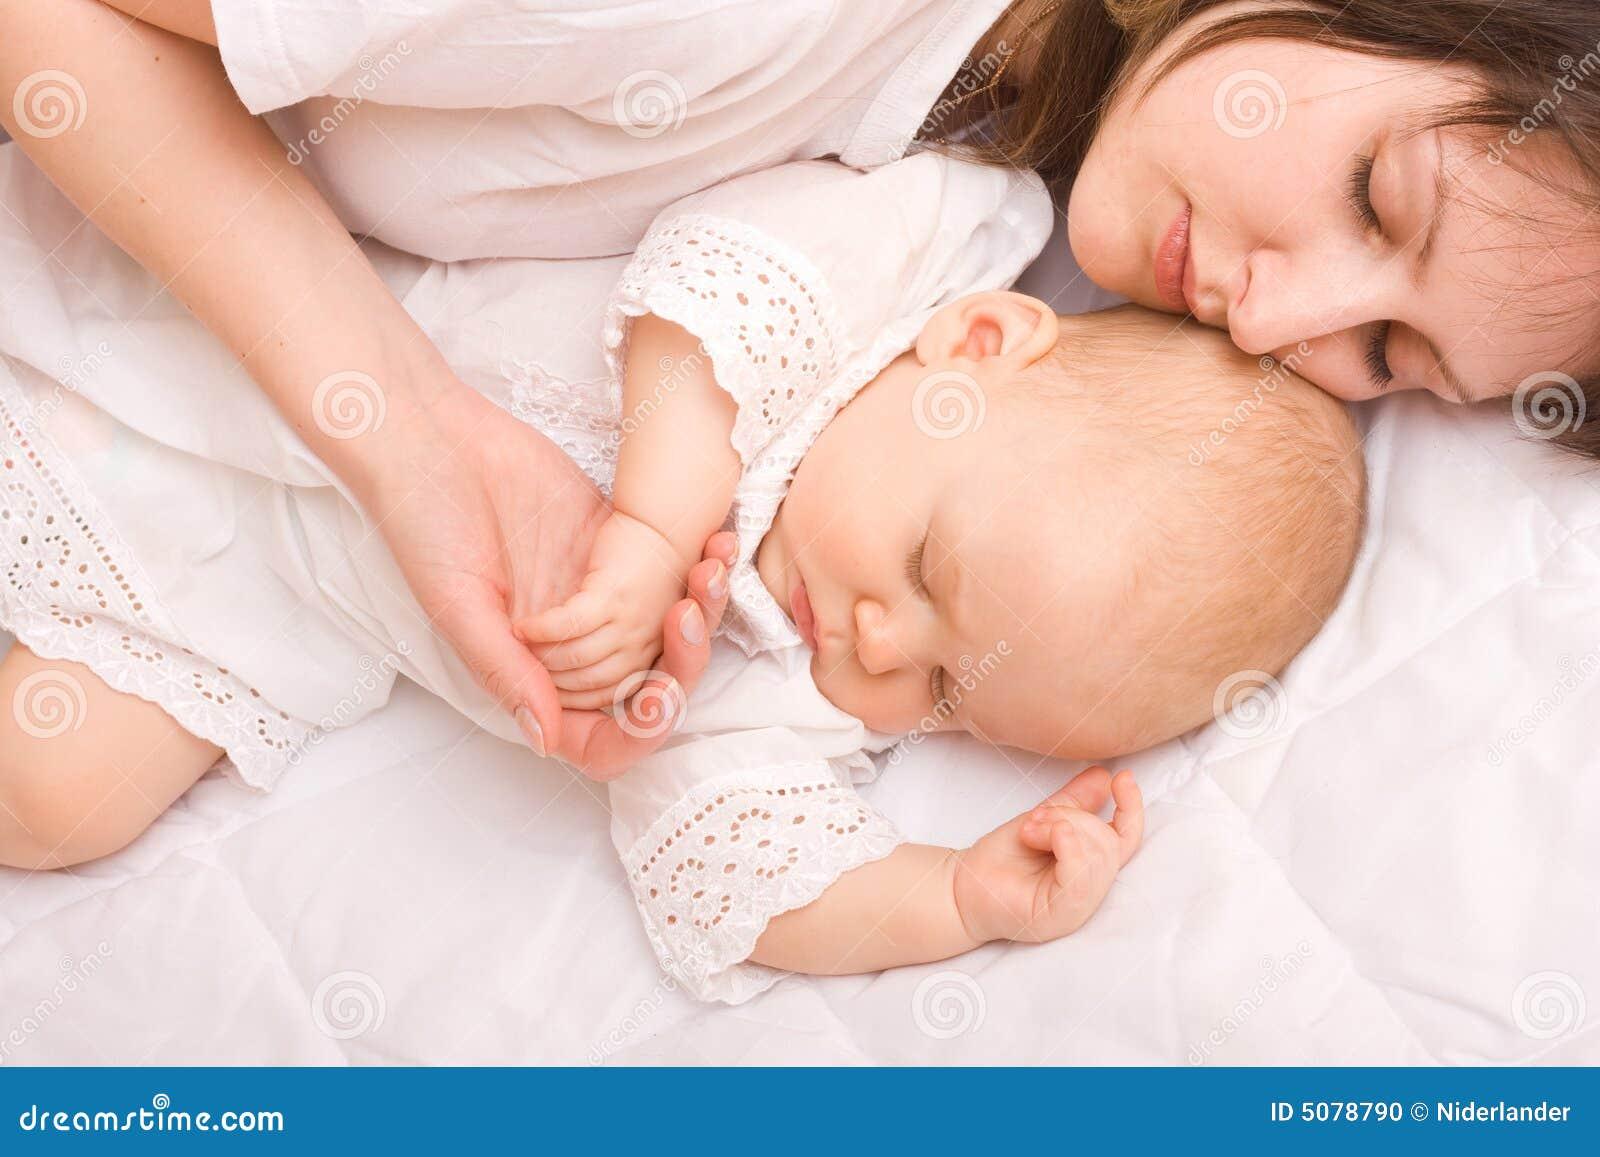 Сынок и спящая мама 30 фотография